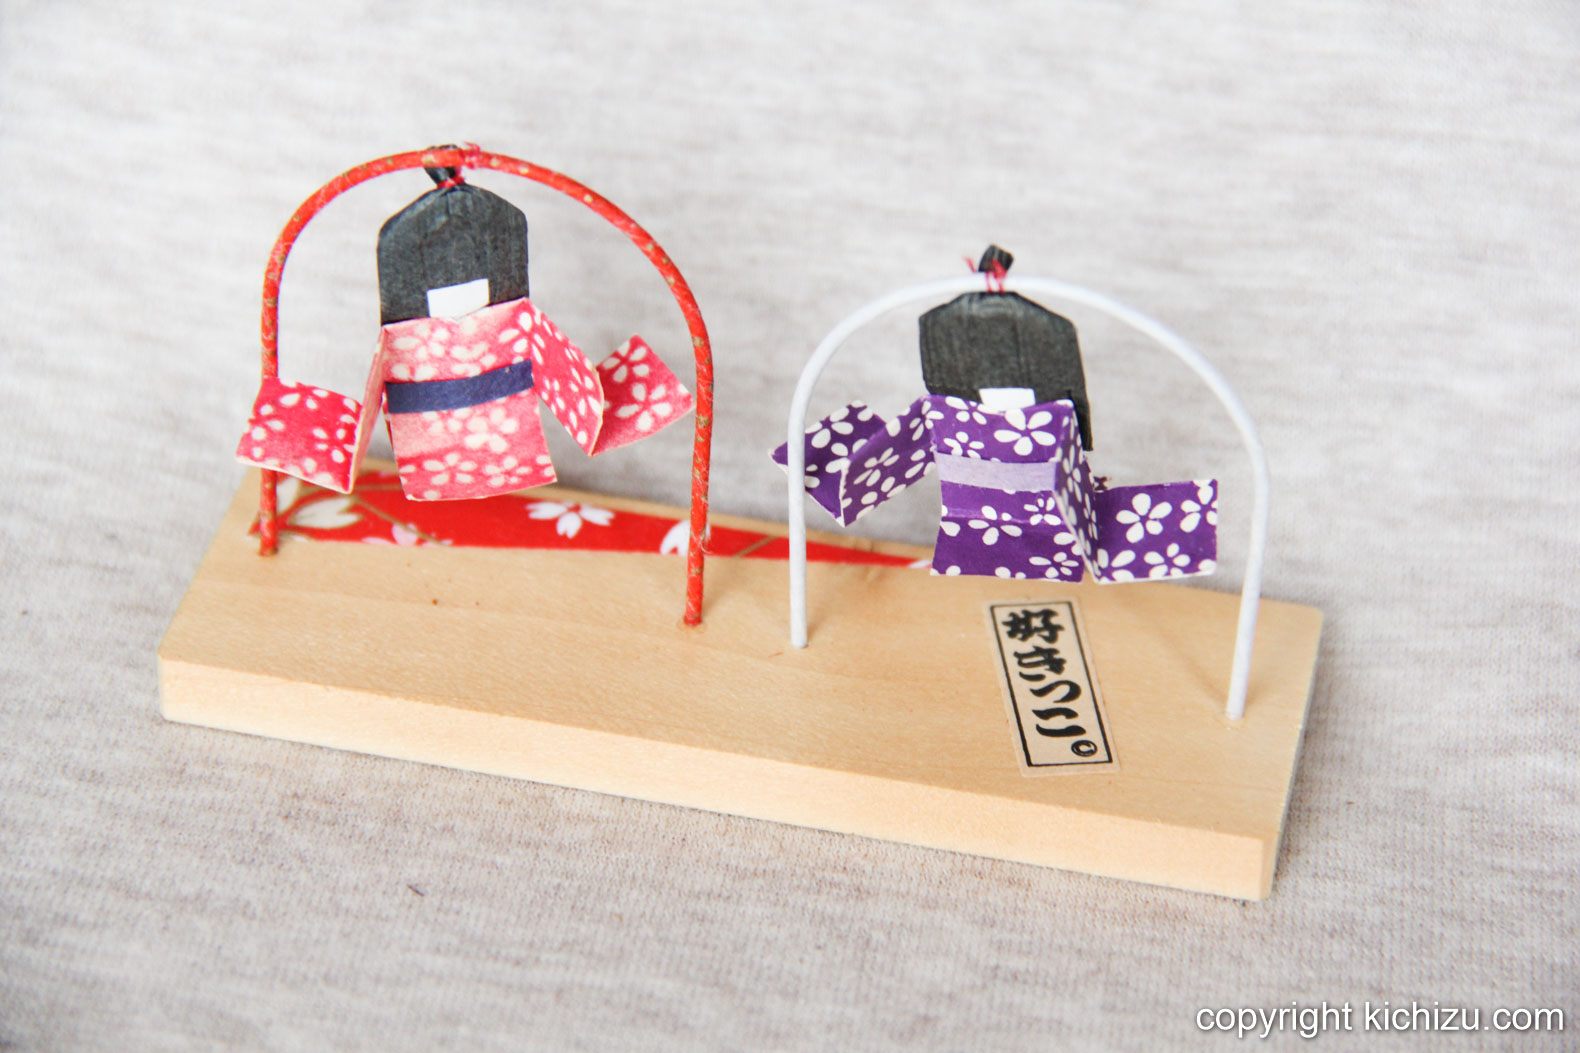 折り紙で出来た夫婦の人形。輪っかに紐でぶら下がっており、風で揺れ動く。